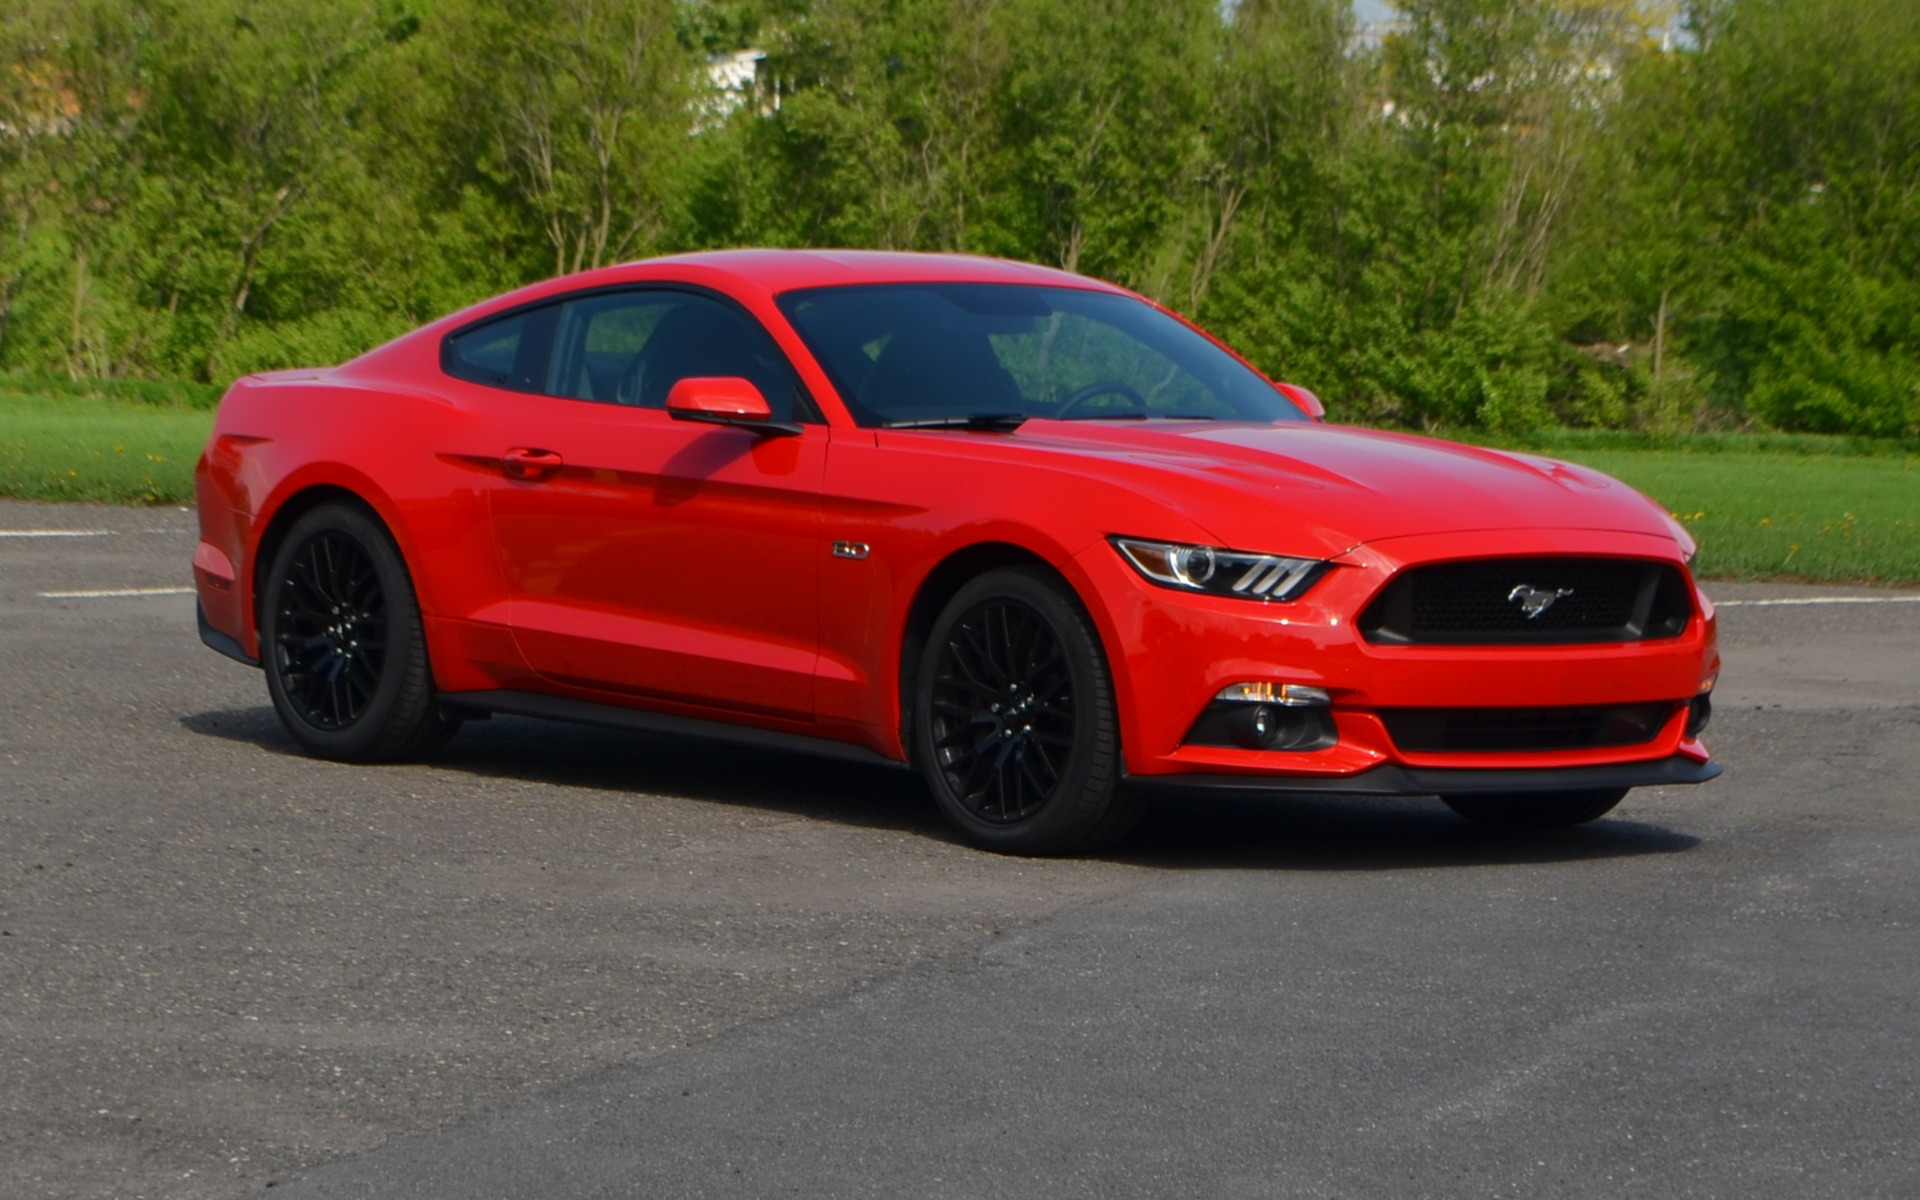 La Ford Mustang 2015. Toute nouvelle et facilement reconnaissable.